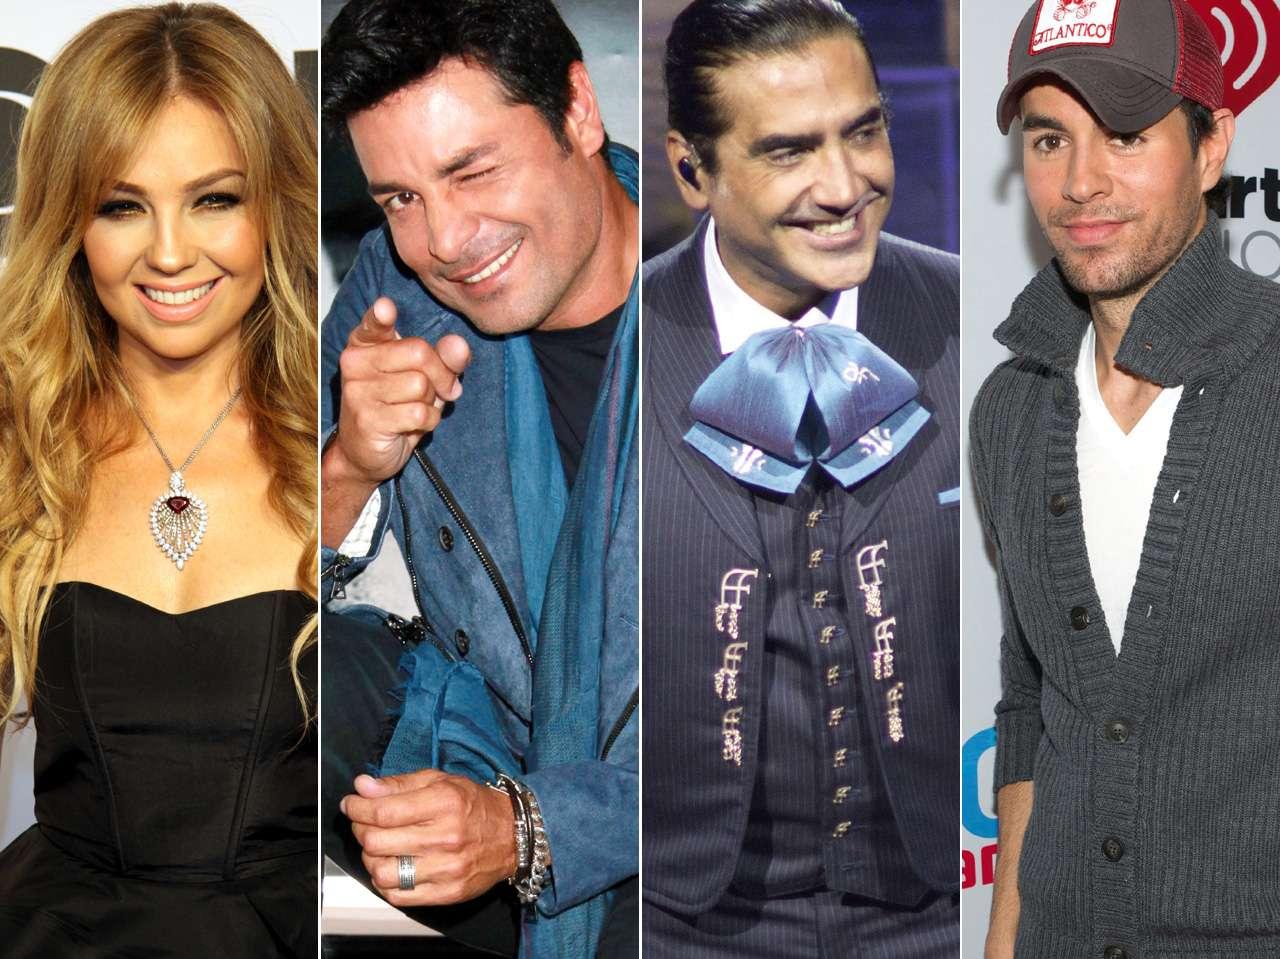 Thalía, Chayanne, Alejandro Fernández y Enrique Iglesias Foto: Photo AMC